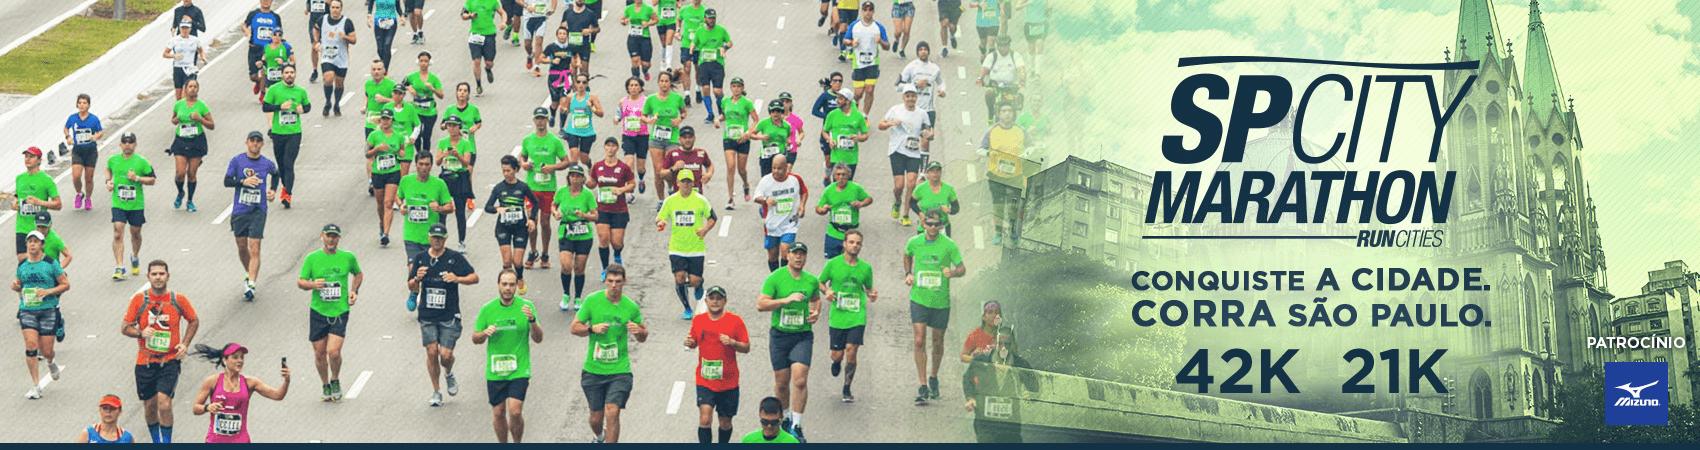 SP City Marathon 2018 - Imagem de topo